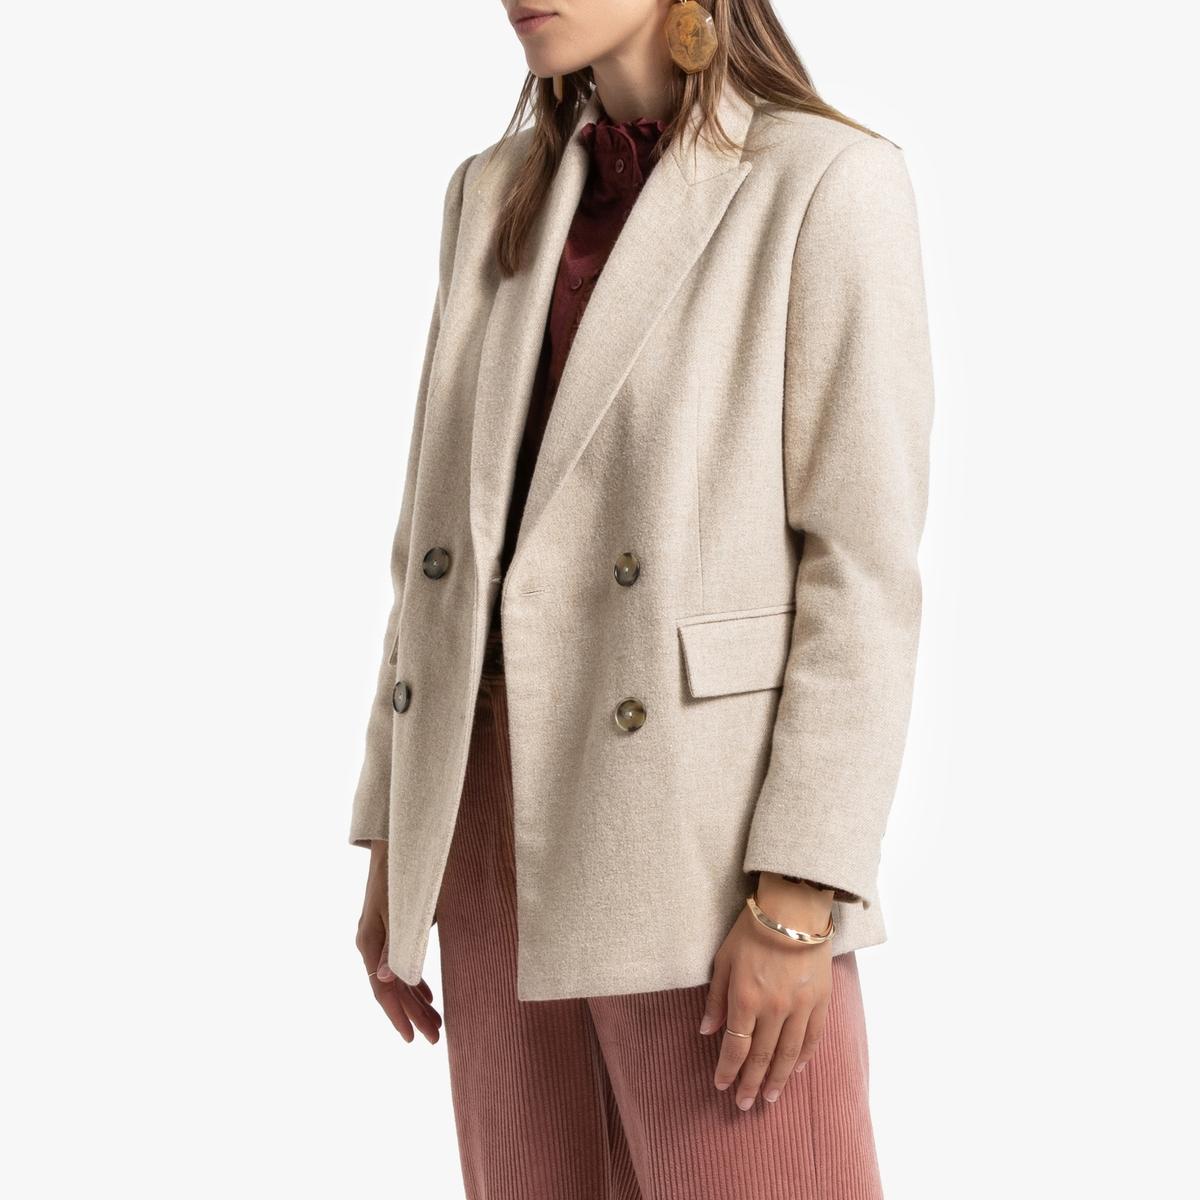 Blazer con corte recto, de lana mezclada